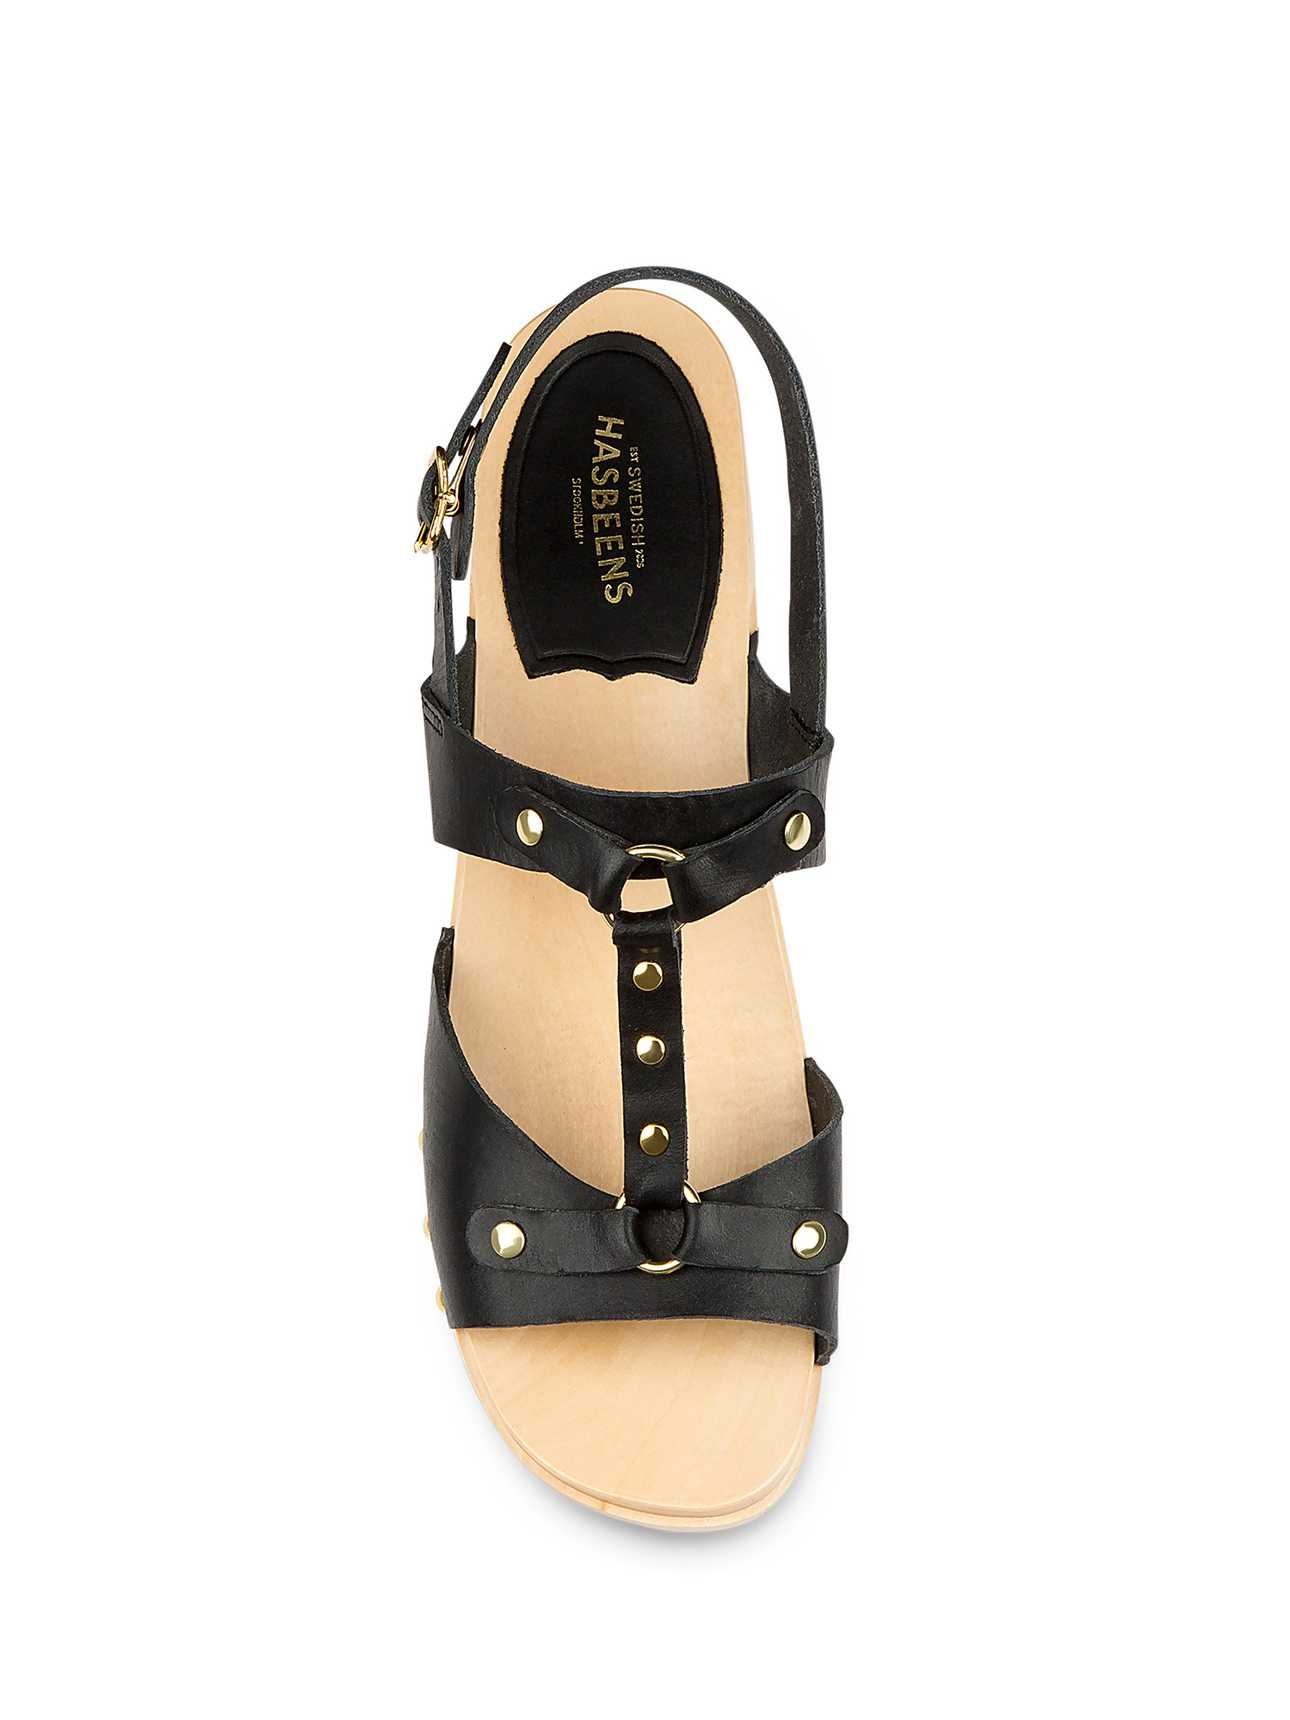 Product image Rivet Sandal